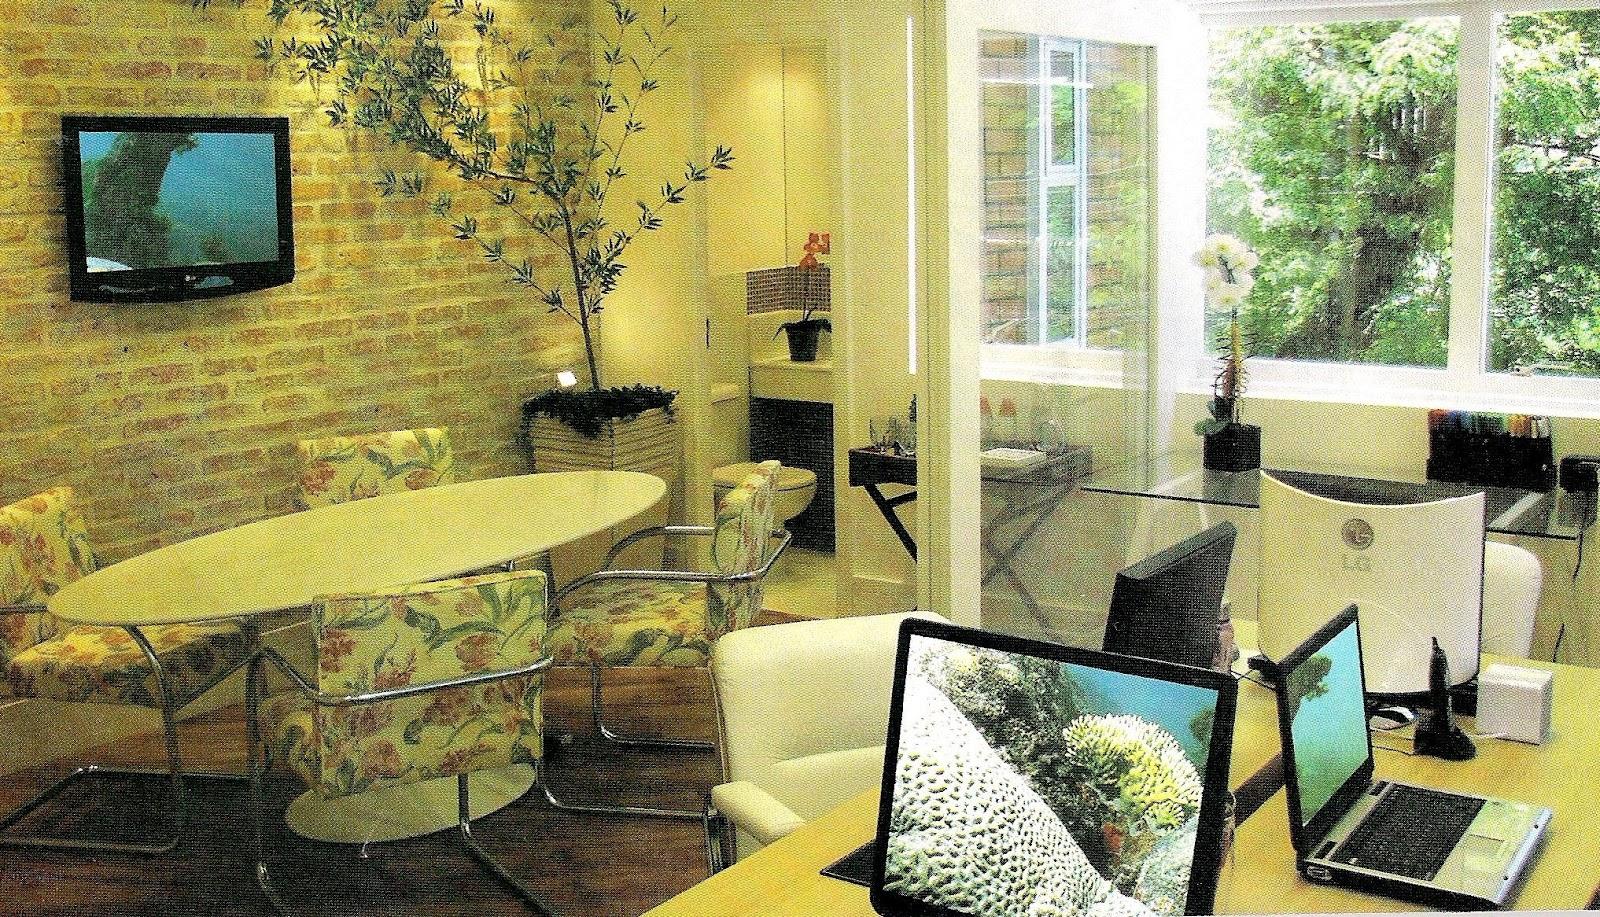 #9B8E30  que rege o guá) uma mesa de vidro e metal e plantas para reforçar 1600x917 px plantas para banheiro feng shui